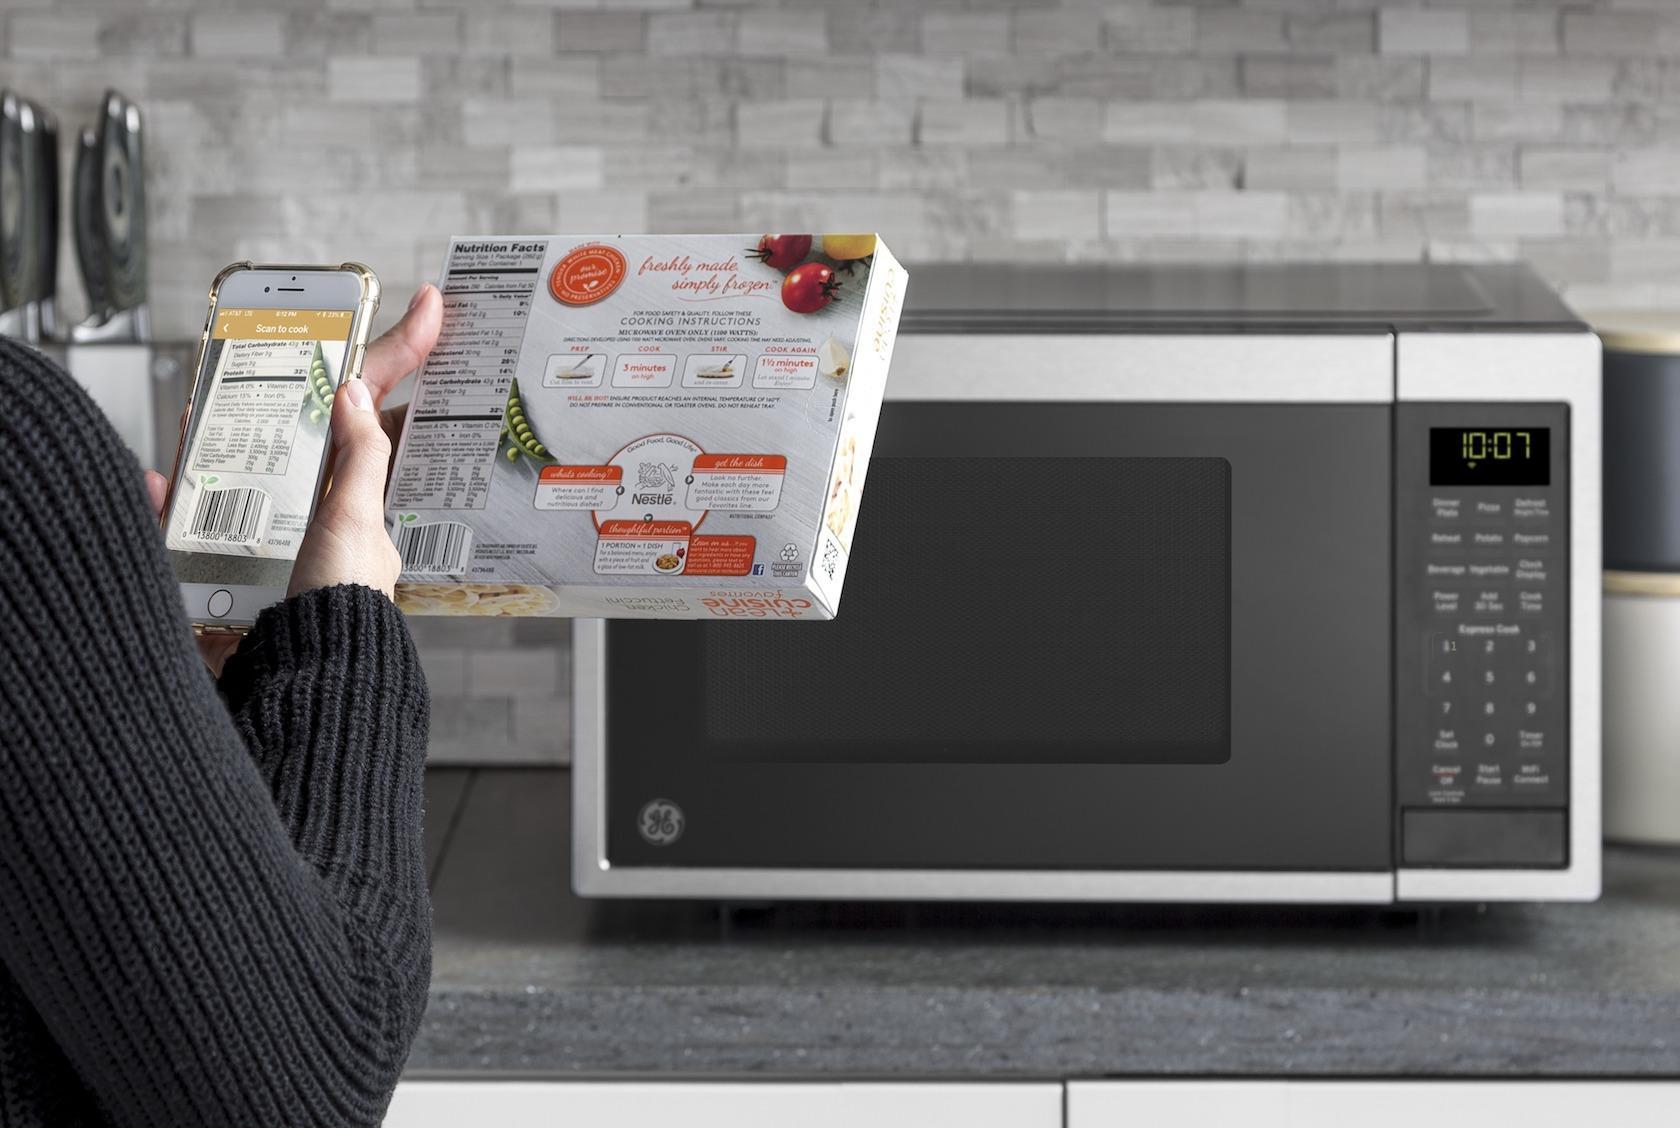 Ge S Smart Microwave Bakes In Alexa